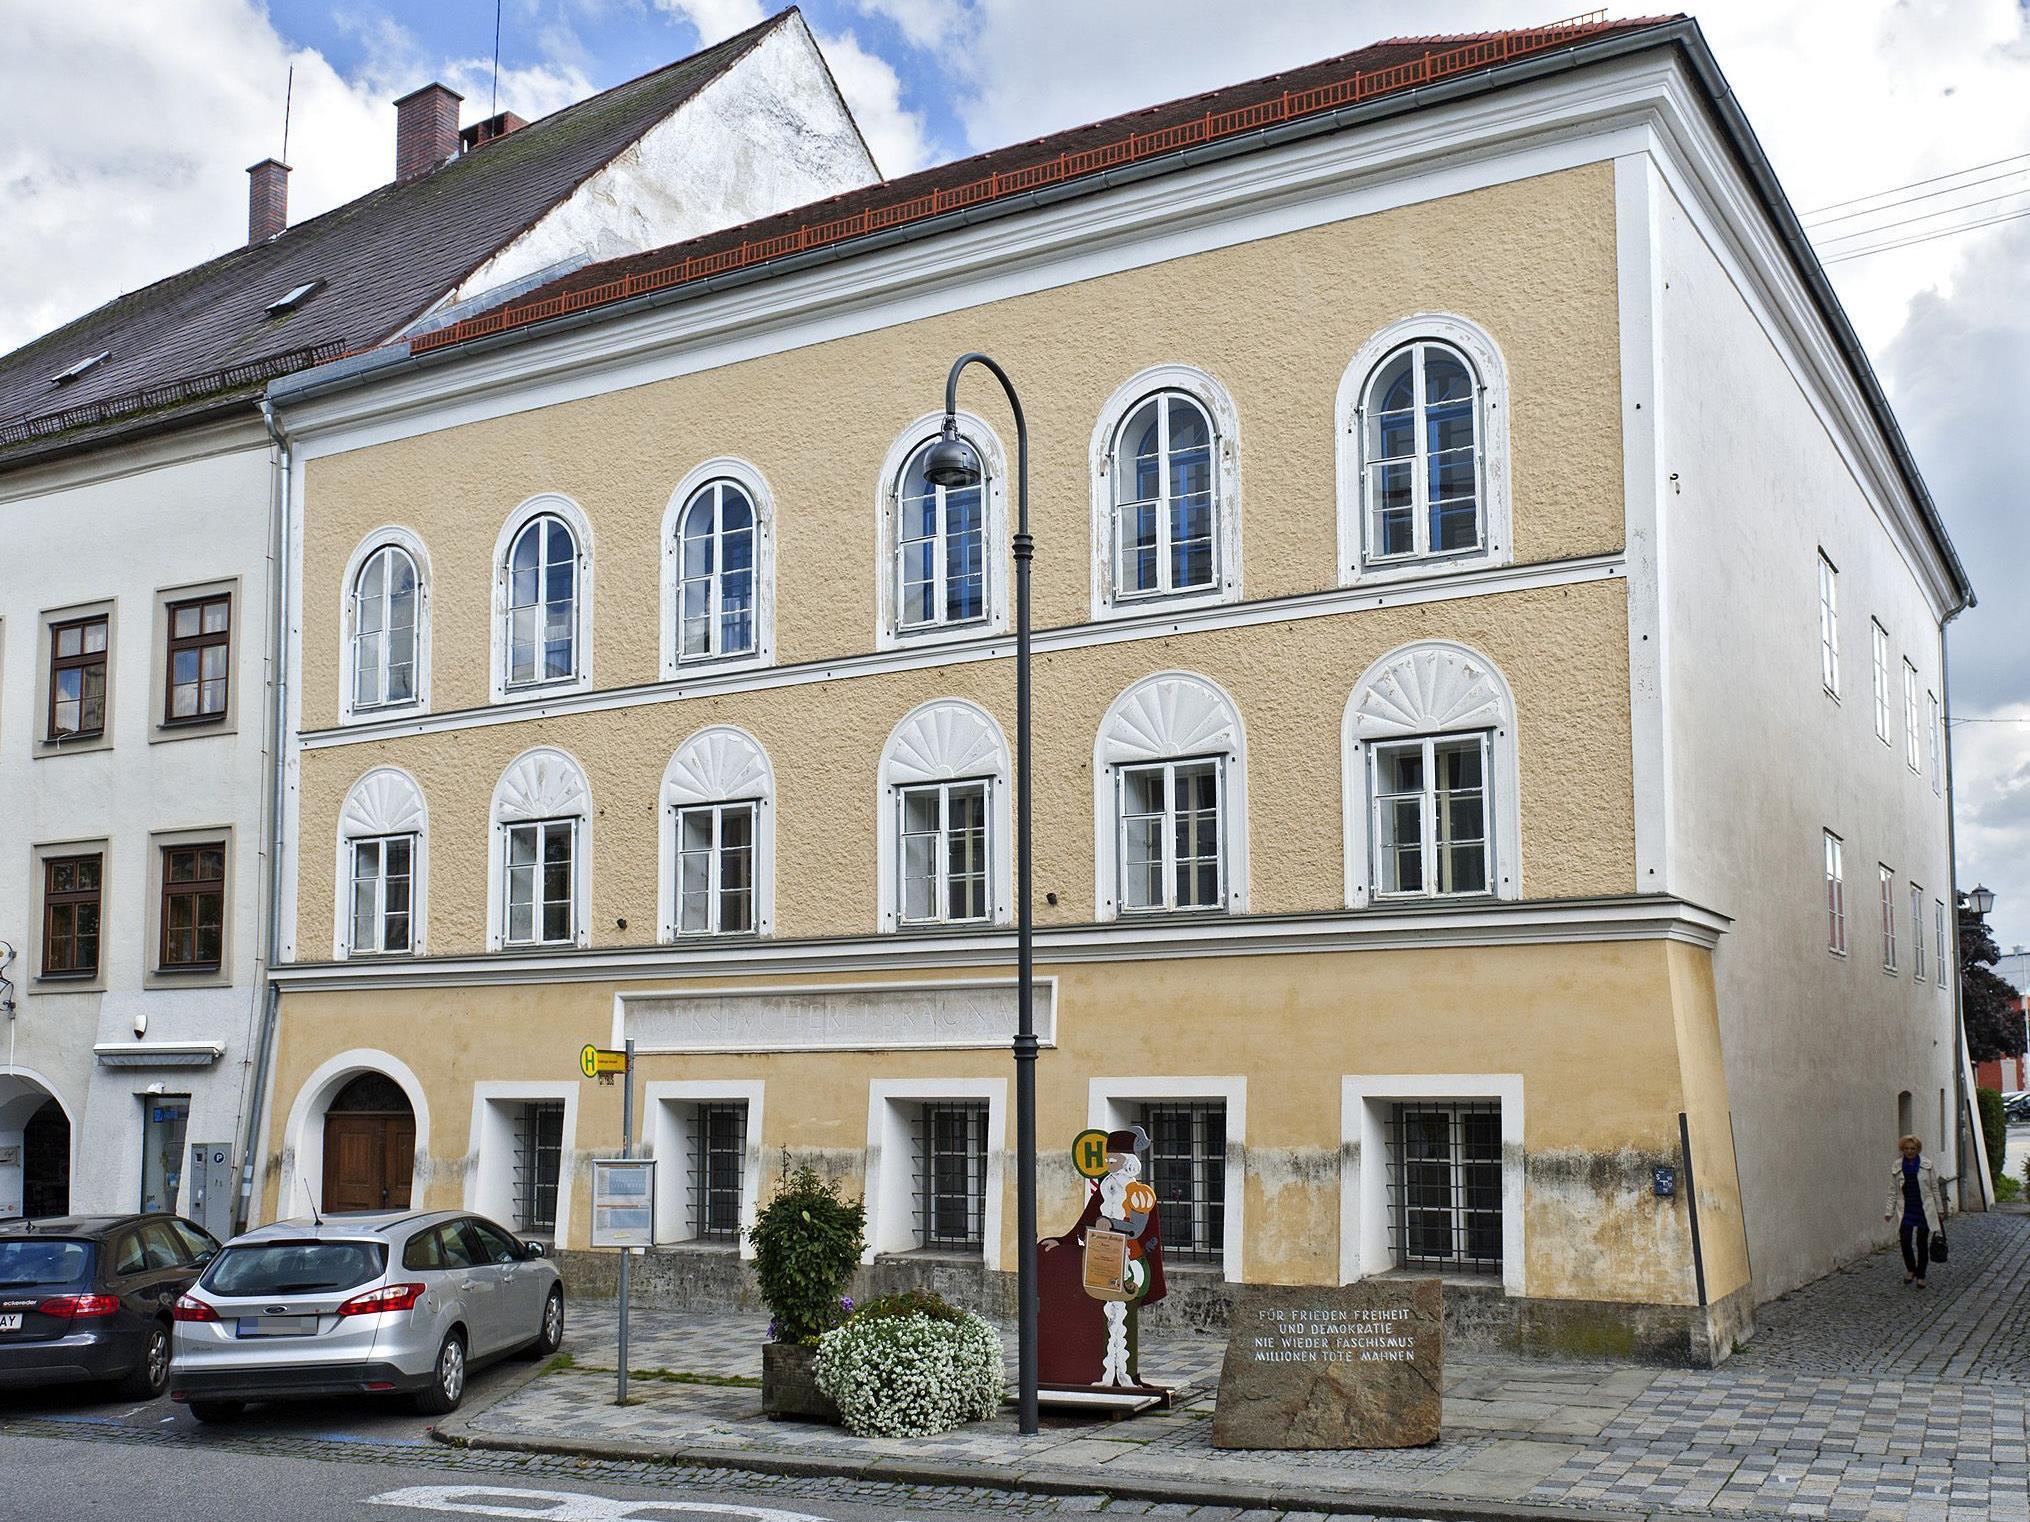 Das Geburtshaus Adolf Hitlers in Braunau. Wenn es um Klinzewitsch geht, soll es dem Erdboden gleichgemacht werden.